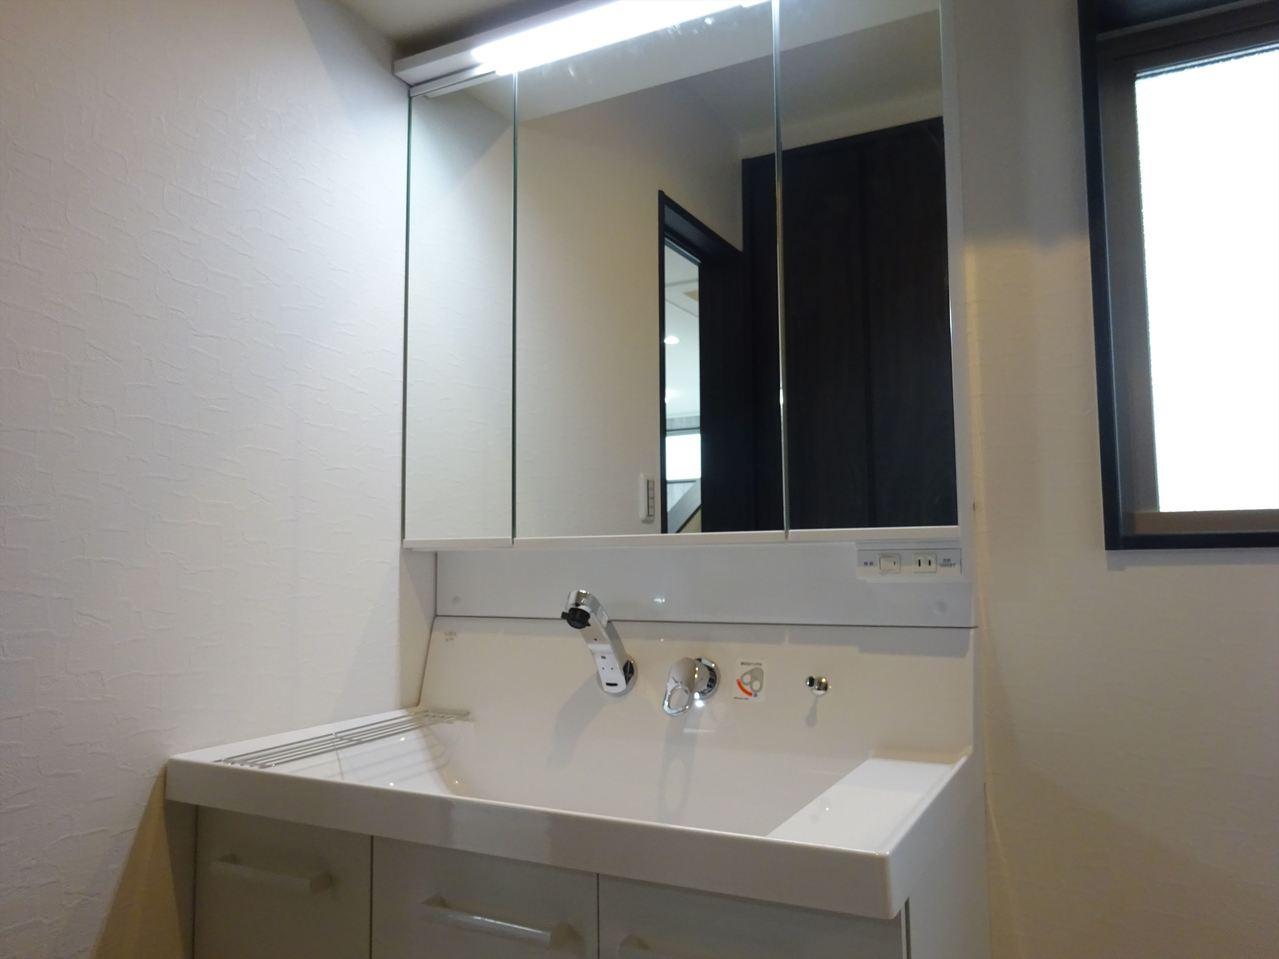 機能的で清潔感のある洗面台です